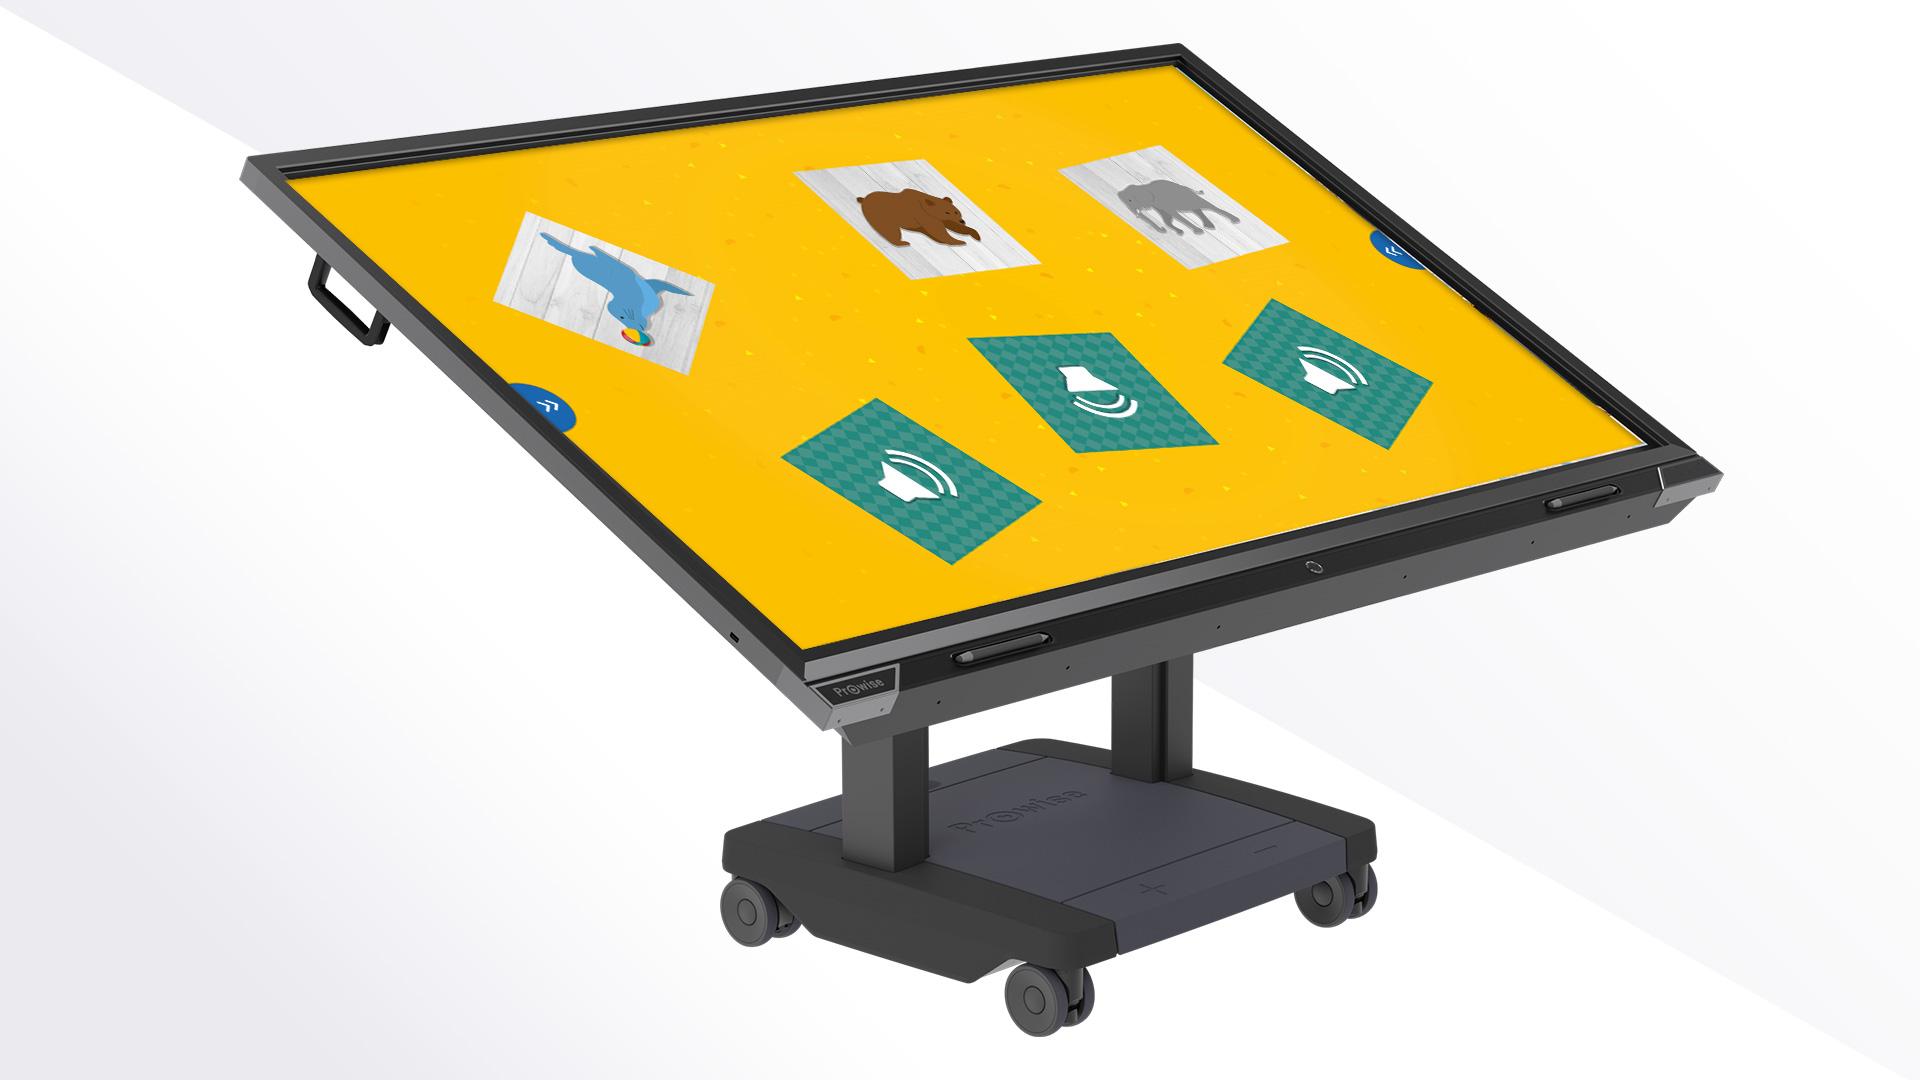 1920x1080-Prowise-Touchscreen-Utdanning-Barnehage